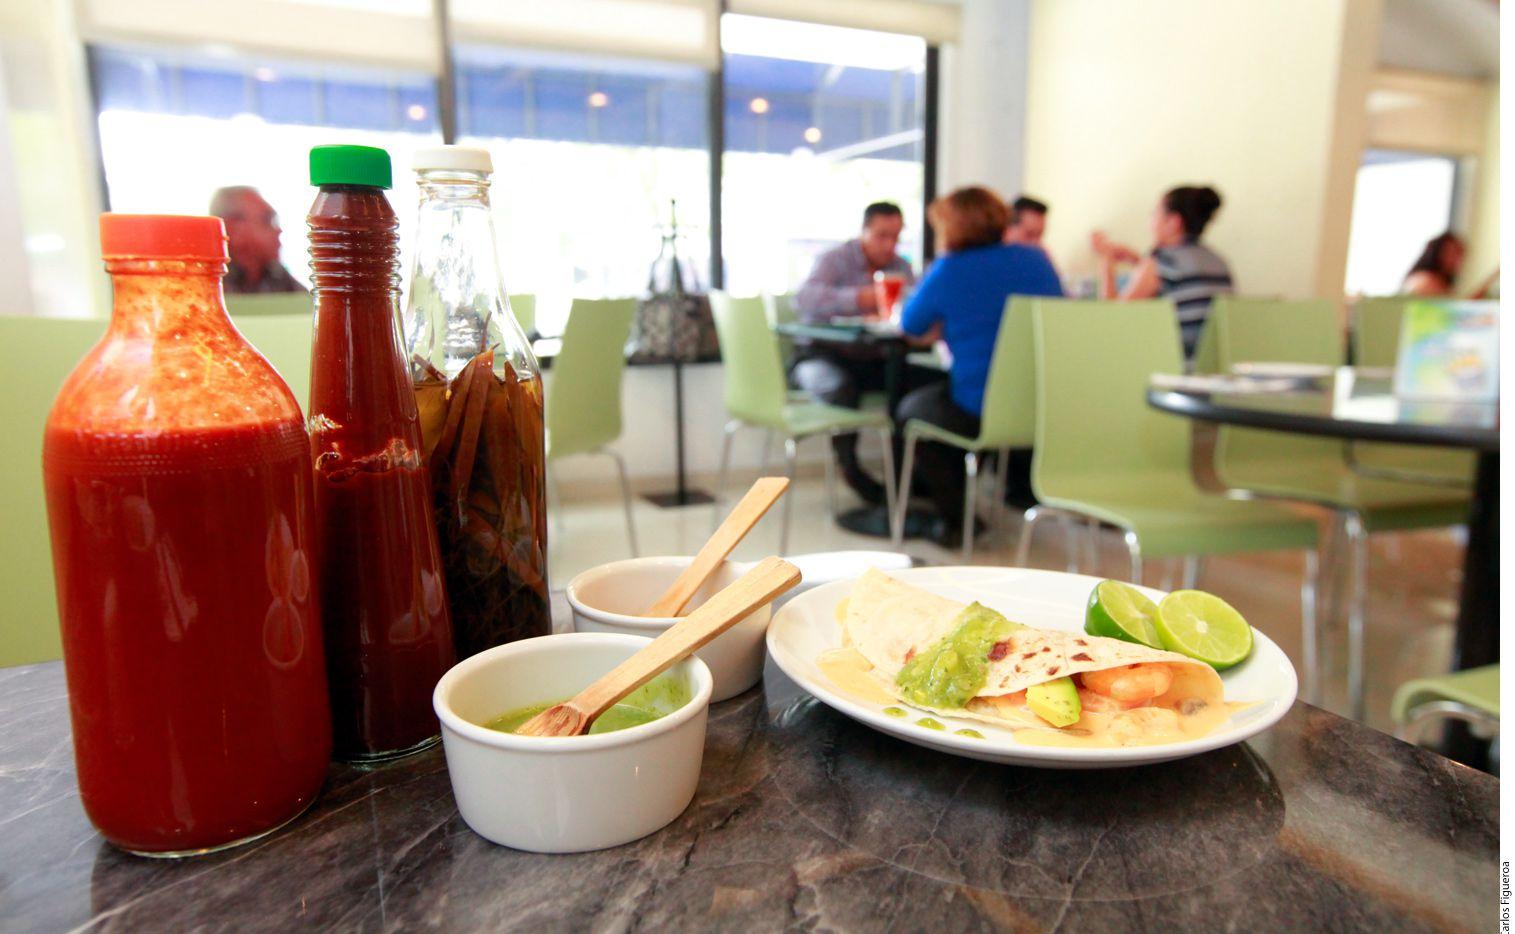 Aunque son tradicionales, los alimentos en exceso condimentados o picantes no ayudan a reponerse de la resaca./AGENCIA REFORMA